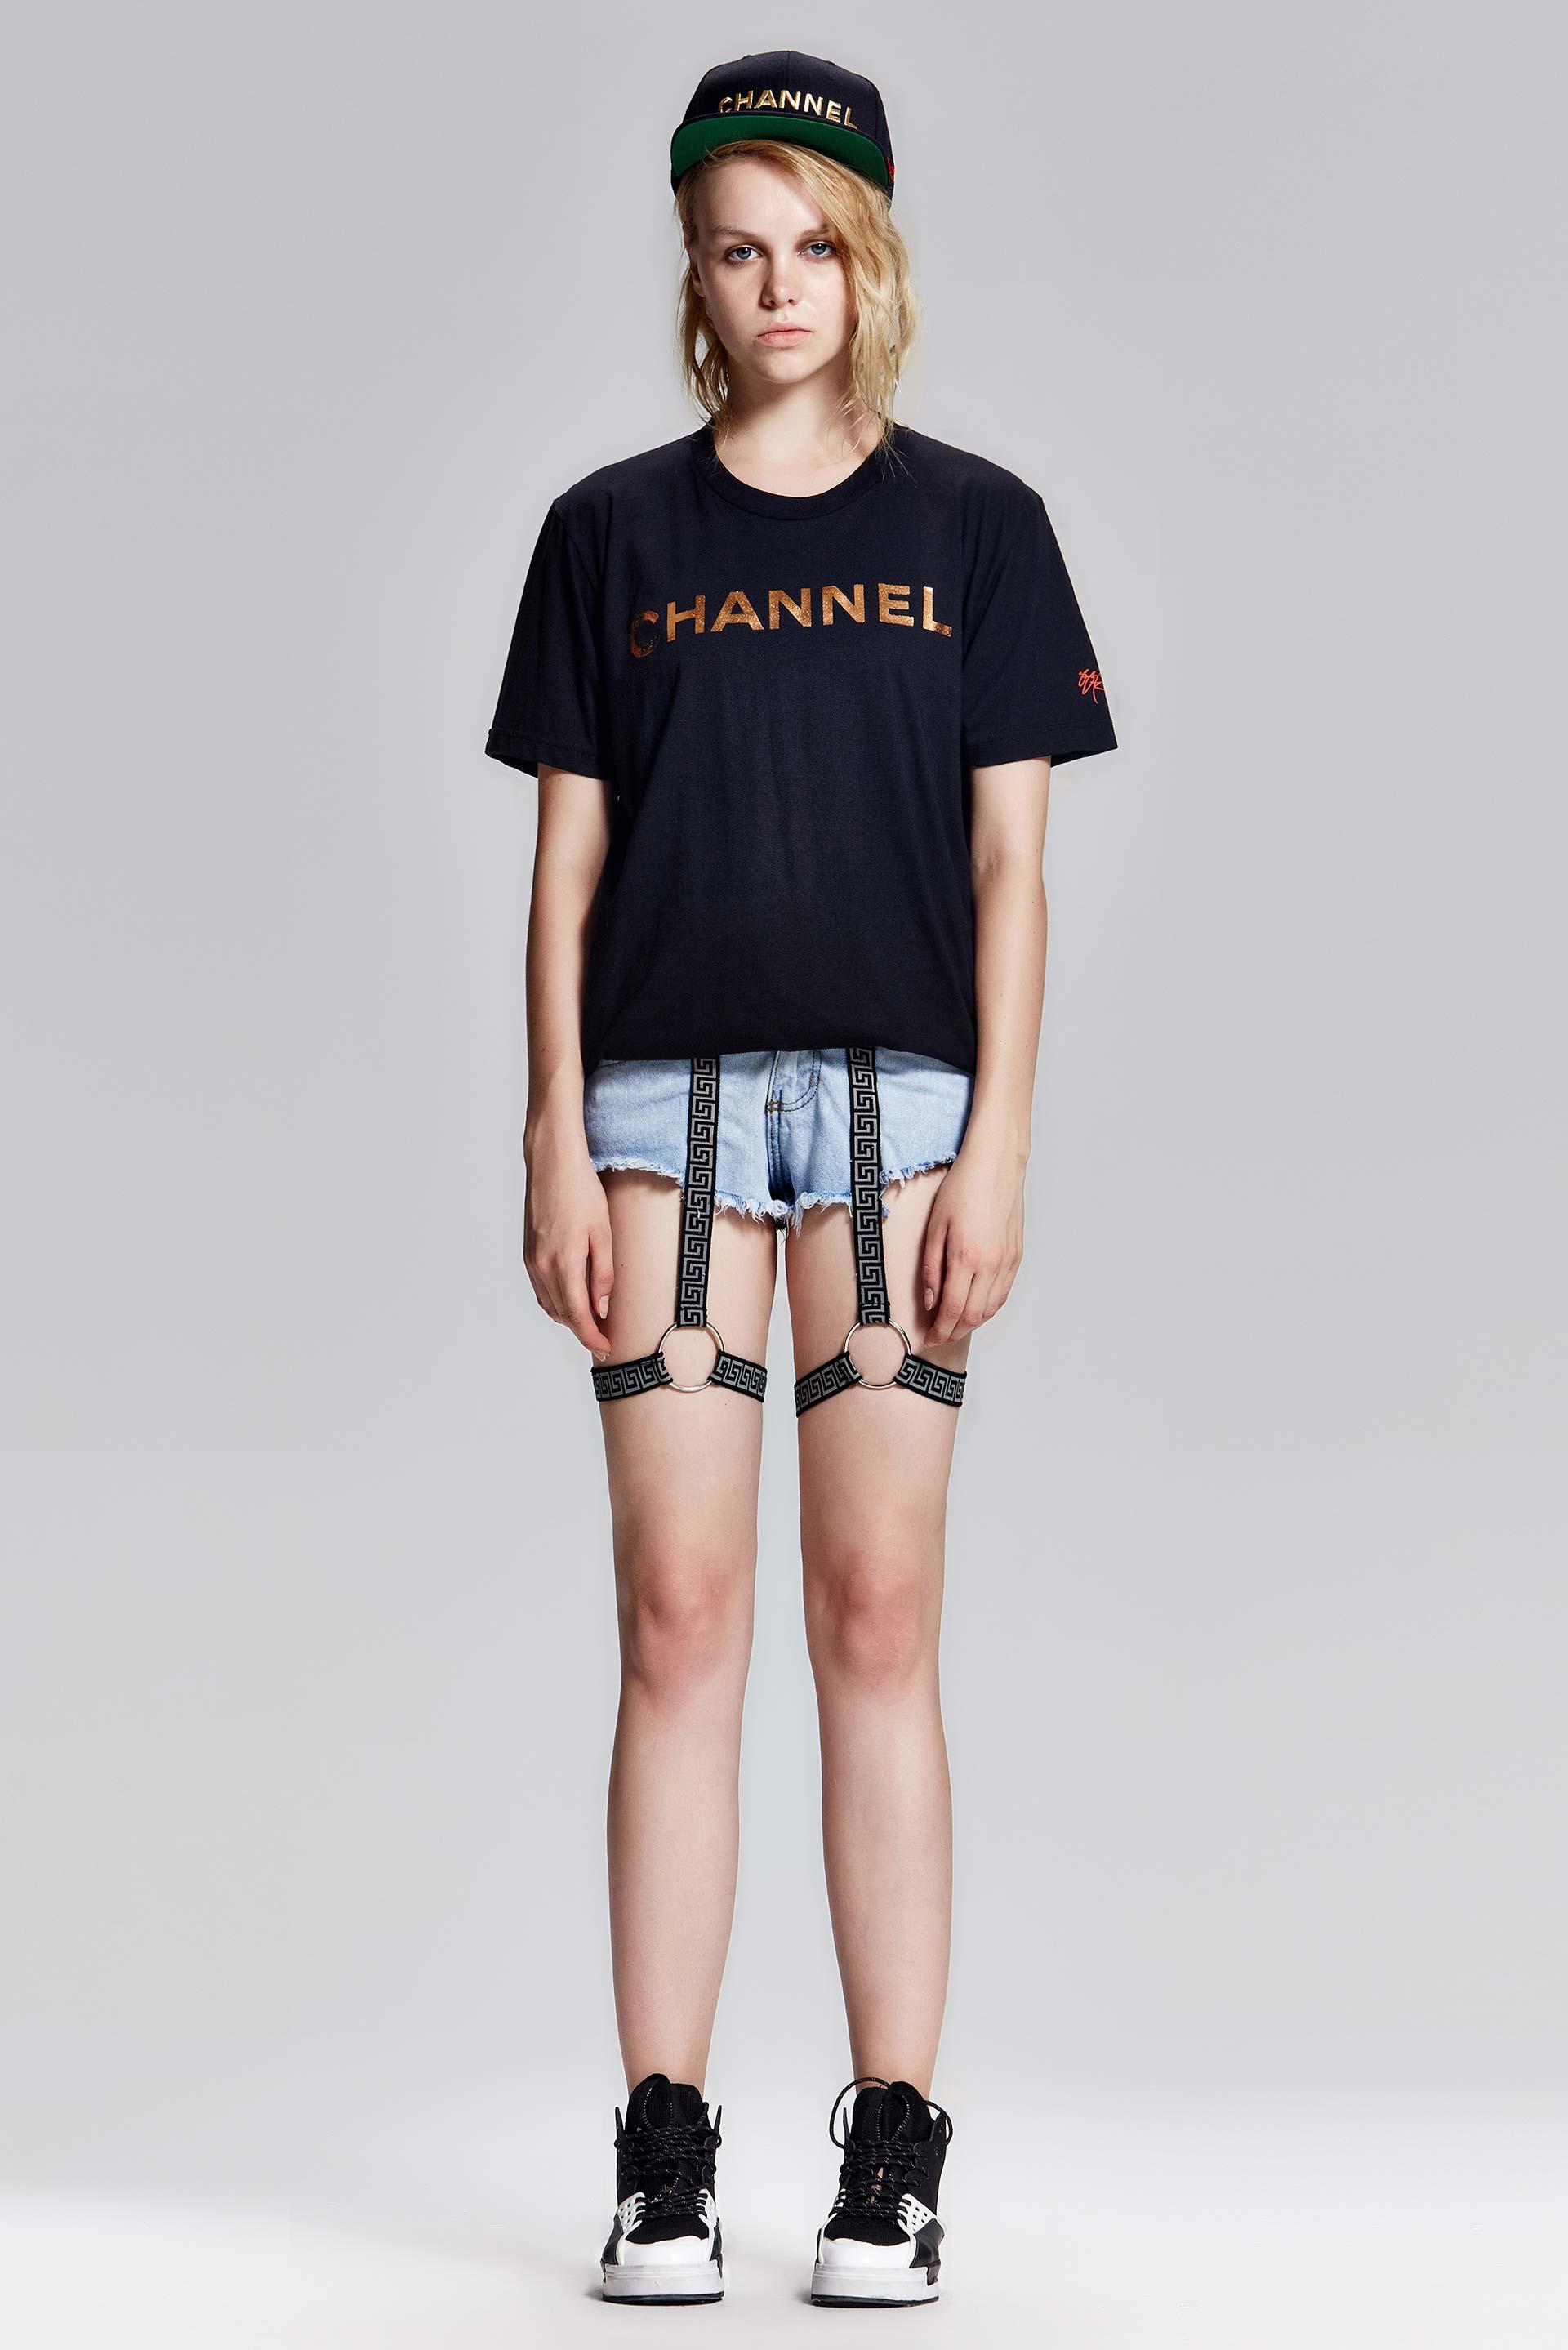 恶搞t恤-创意手绘t恤衫图案-搞笑t恤文字-t恤图案打印